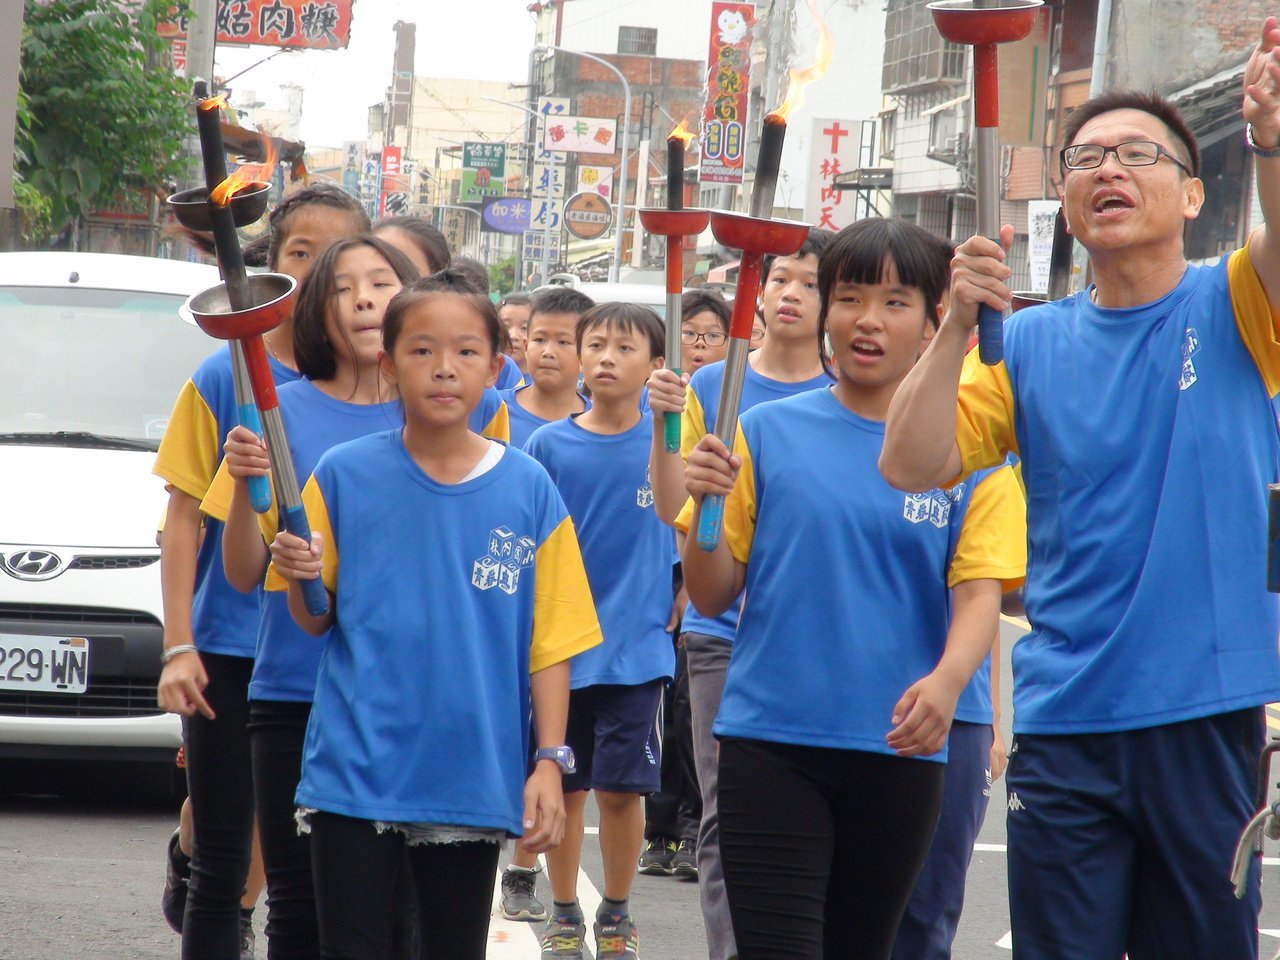 雲林縣林內國小將於下周慶祝創校一百周年,今天全校師生舉著聖火繞鄉一周,向鄉民報告...